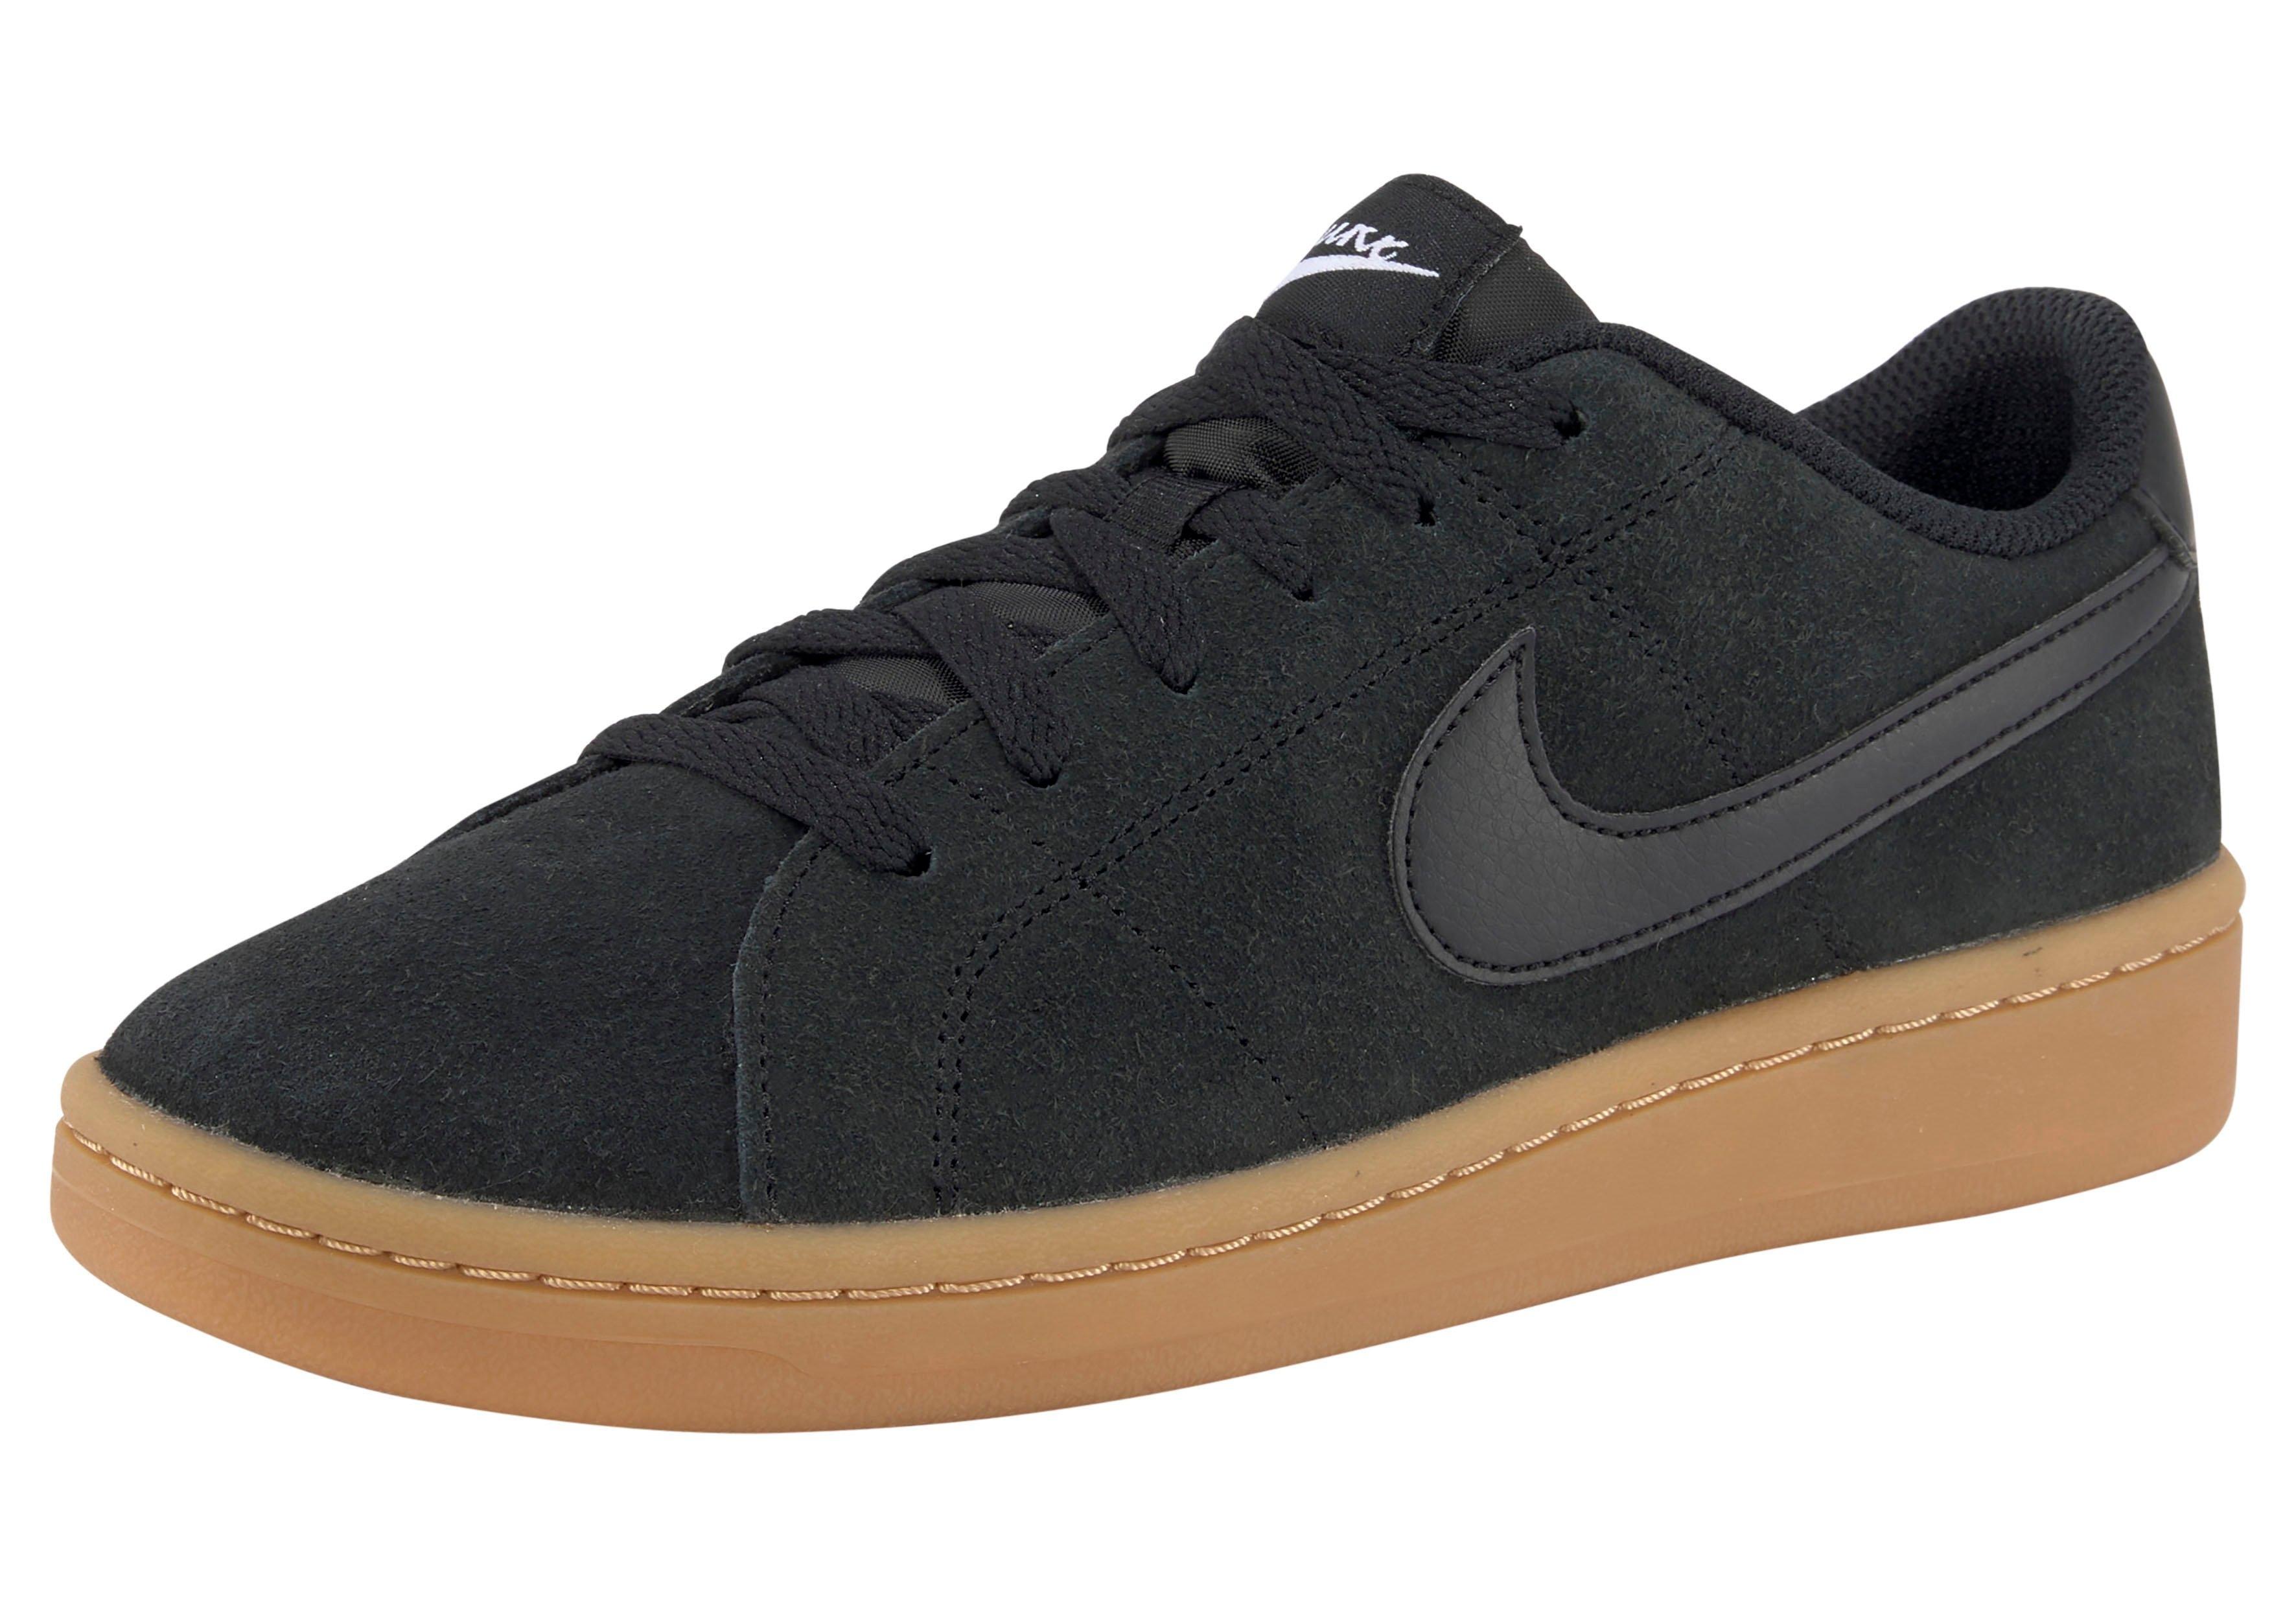 Nike Sportswear Nike sneakers »Wmns Court Royale 2 Suede« - gratis ruilen op otto.nl